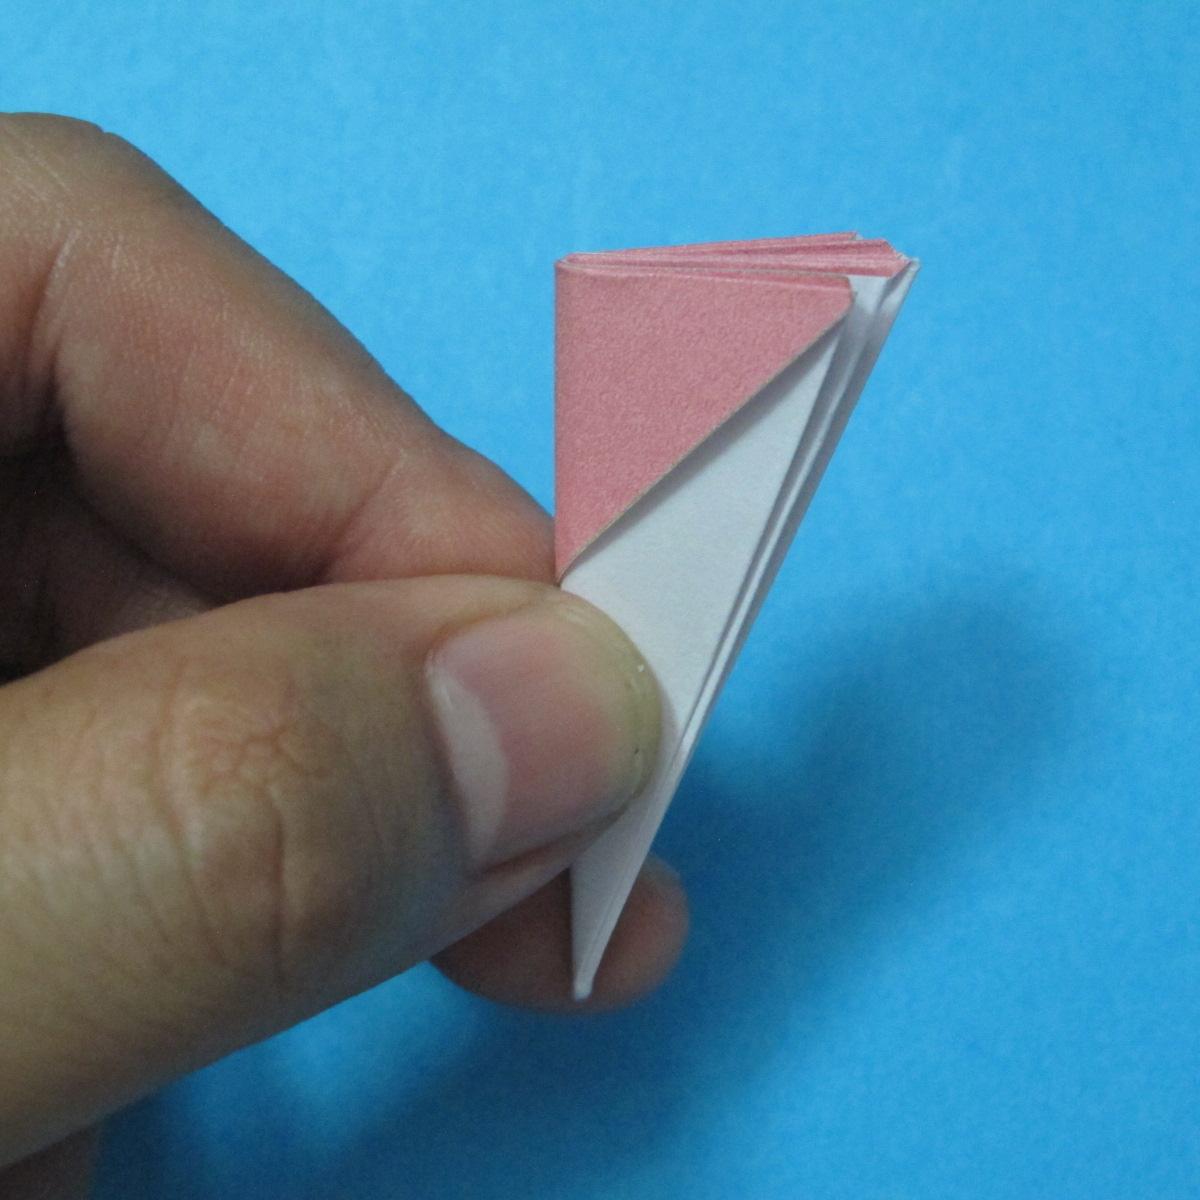 วิธีการพับกระดาษเป็นดอกไม้แปดกลีบ 014